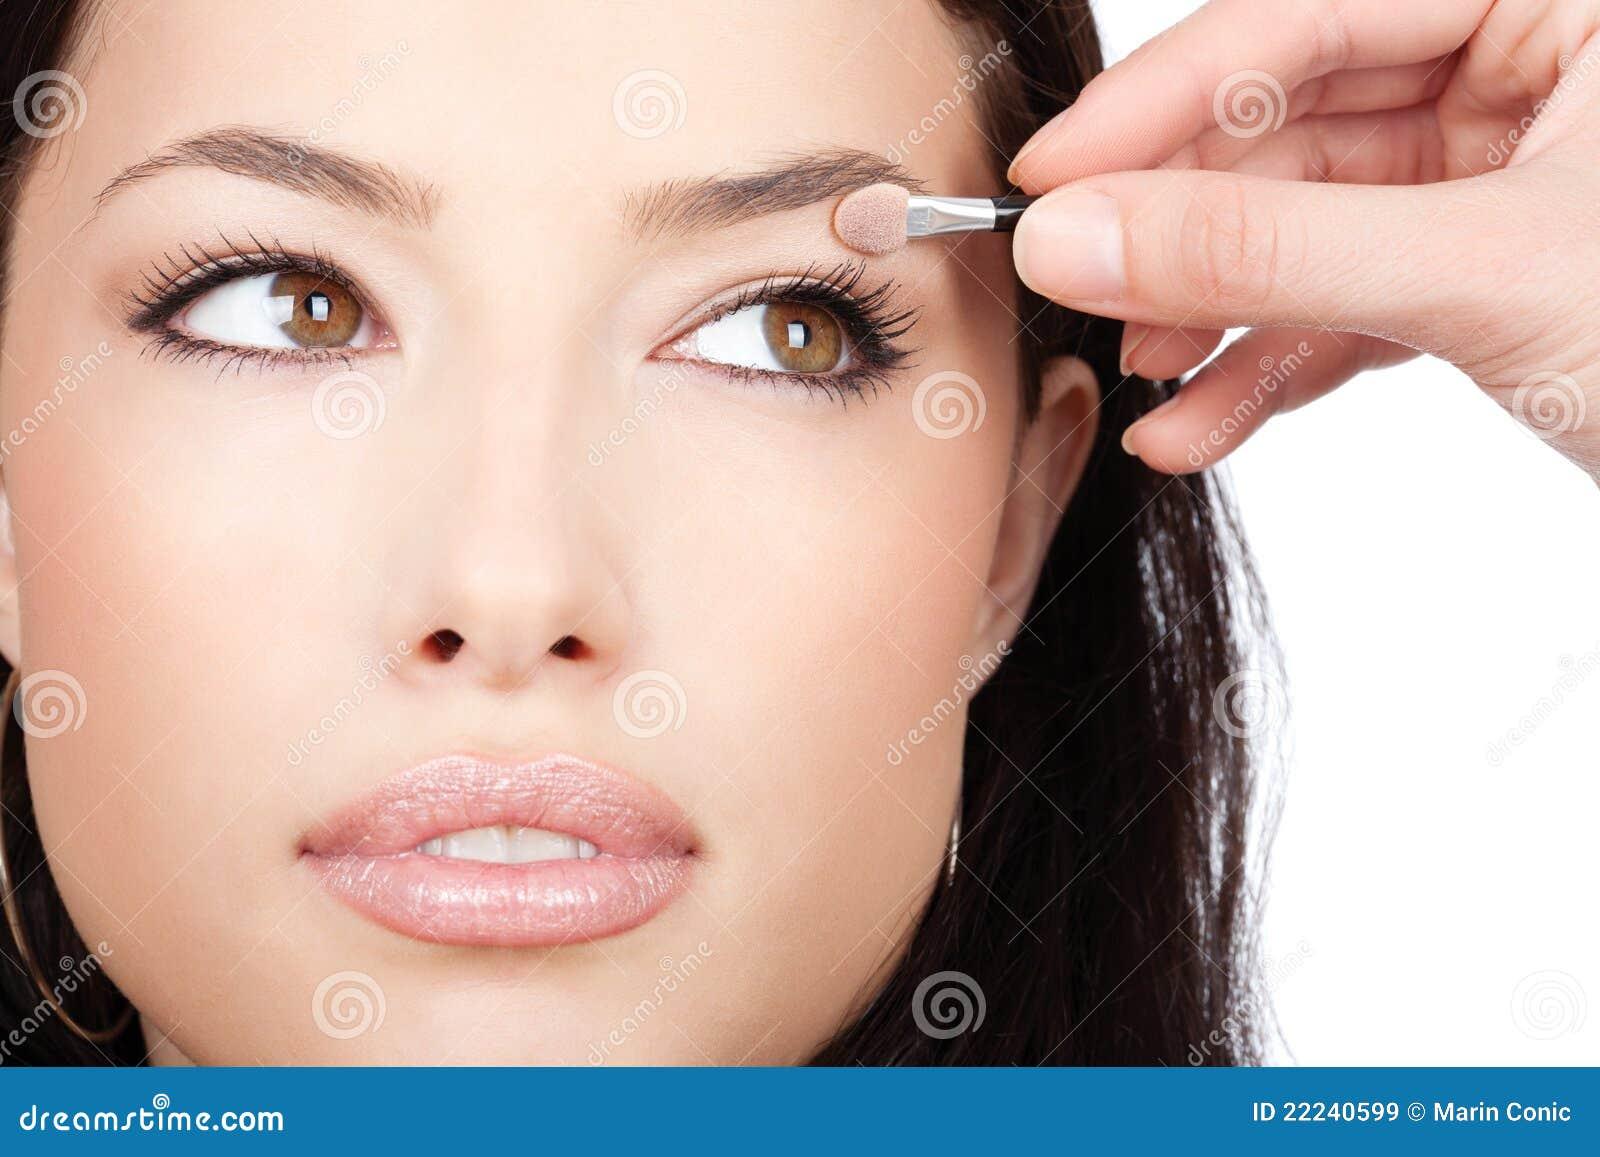 Artysta eyeshadow dziewczyna robi dosyć otrzymywa dosyć